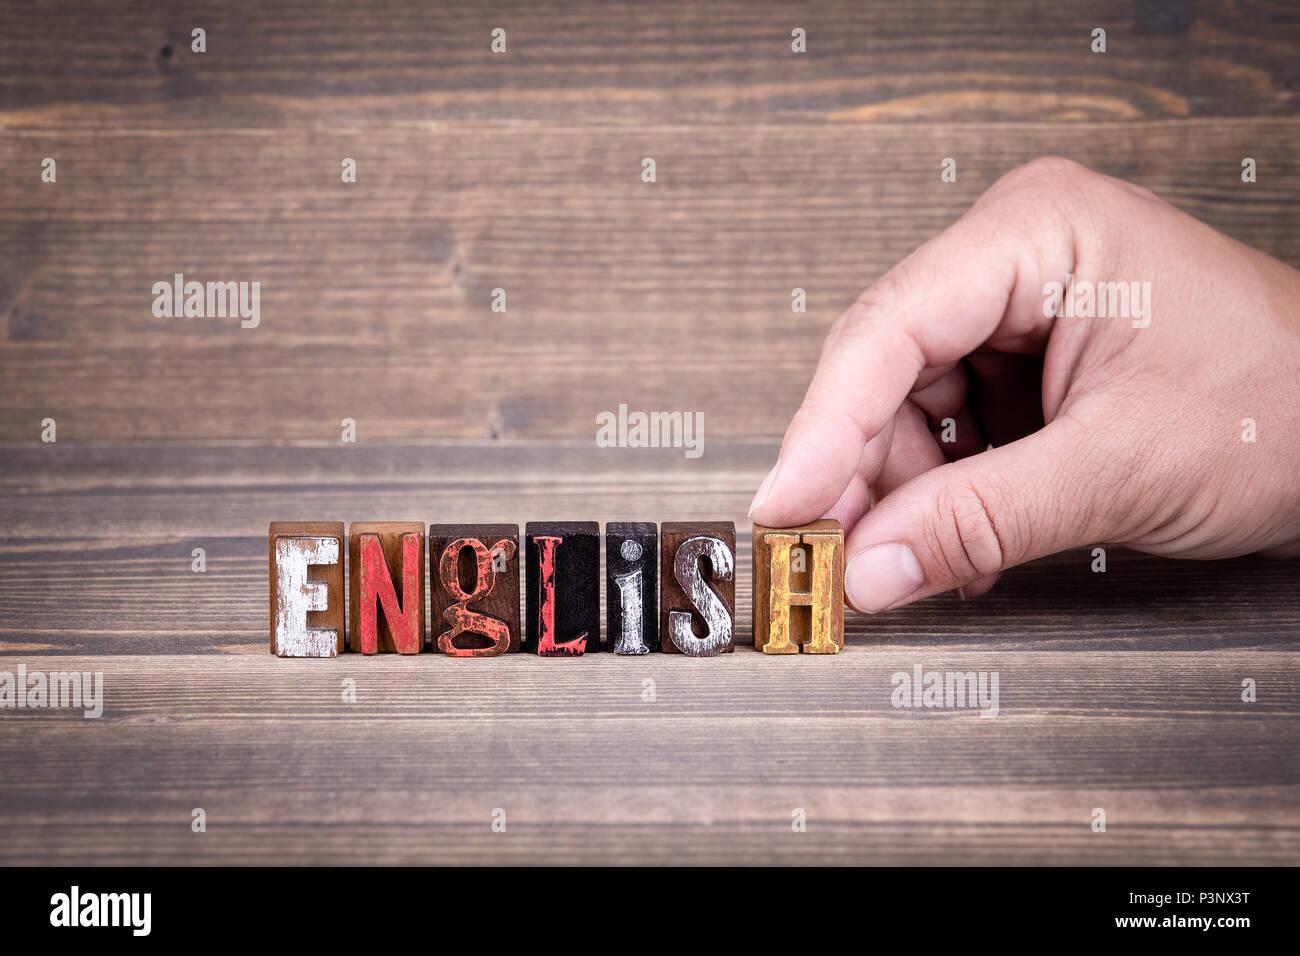 Inglés, educación y concepto de negocio Imagen De Stock